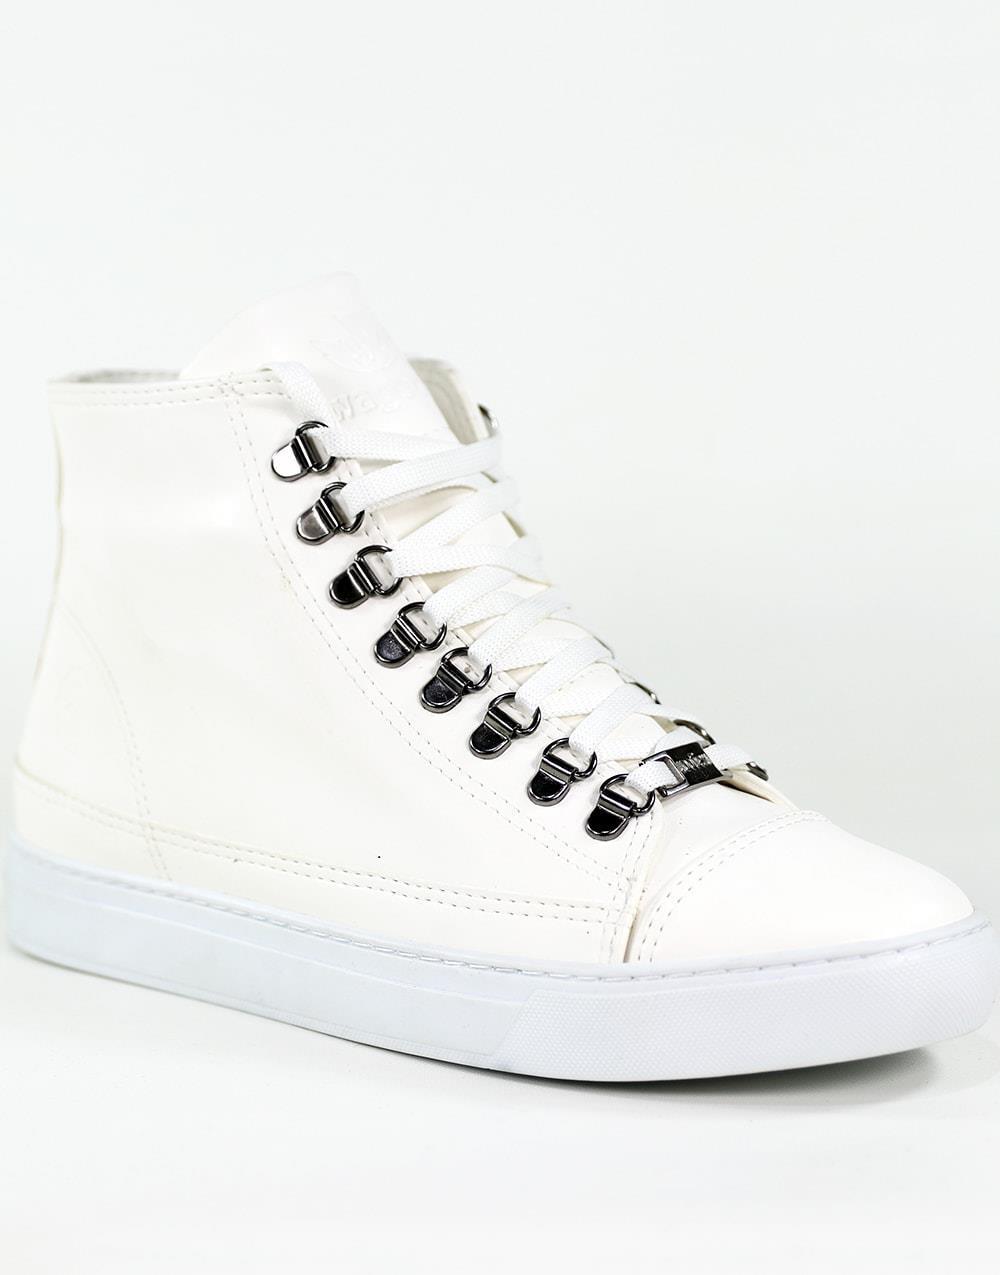 8e2212b36afbf Wagoon - Metal Geçmeli Bağcıklı Erkek Sneaker Ayakkabı | Türkiye'nin ...